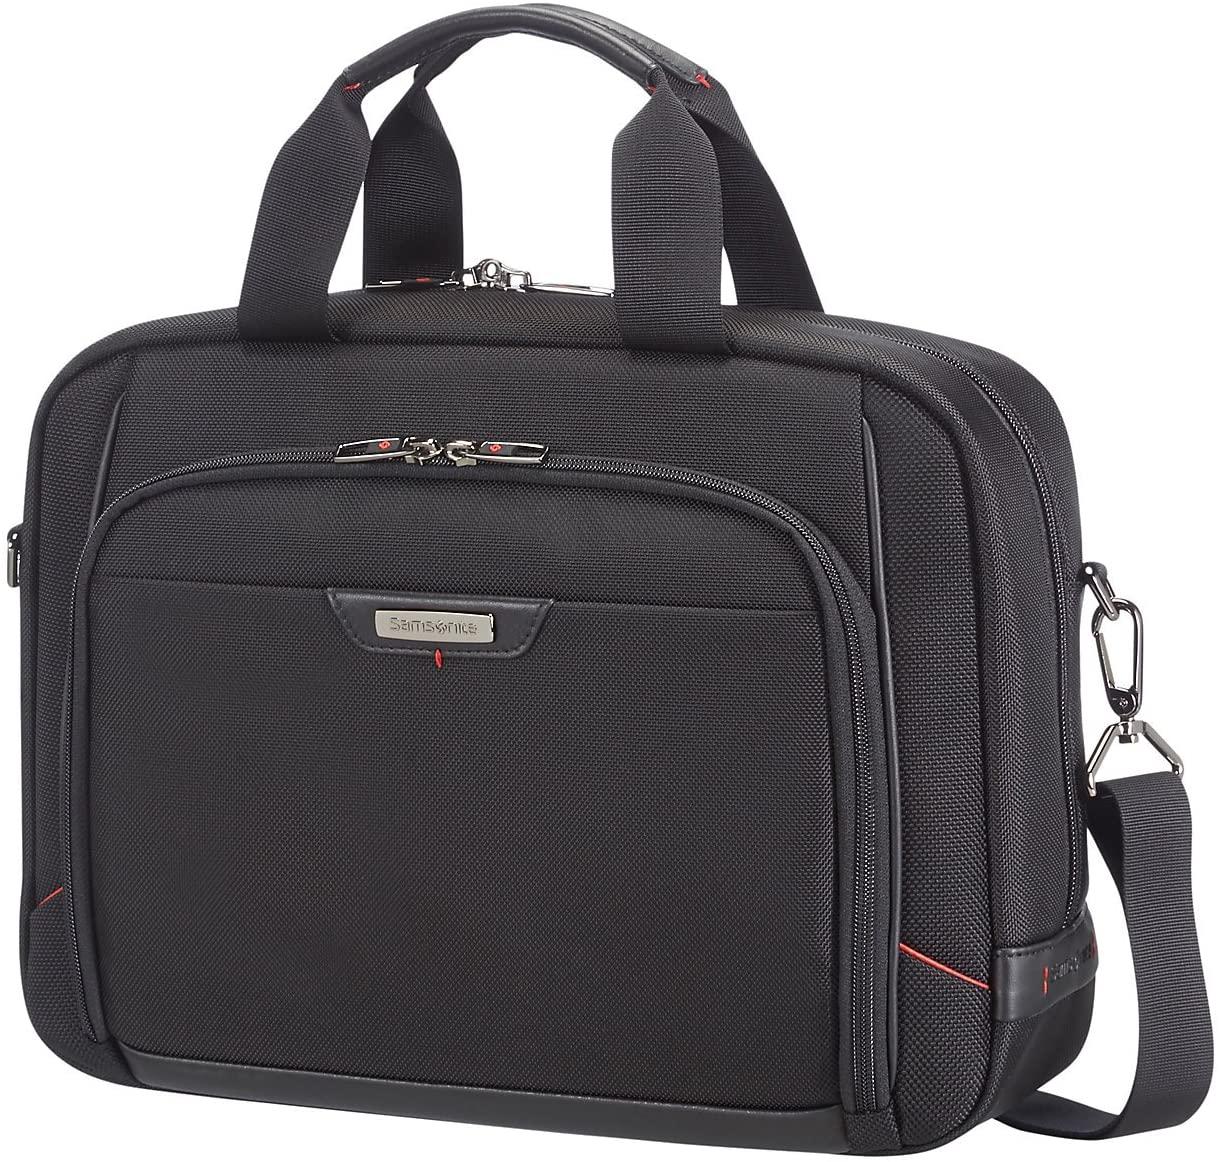 Samsonite Briefcase   Tablet Workstation 25.7cm   Pro-DLX Line   35V028-Black